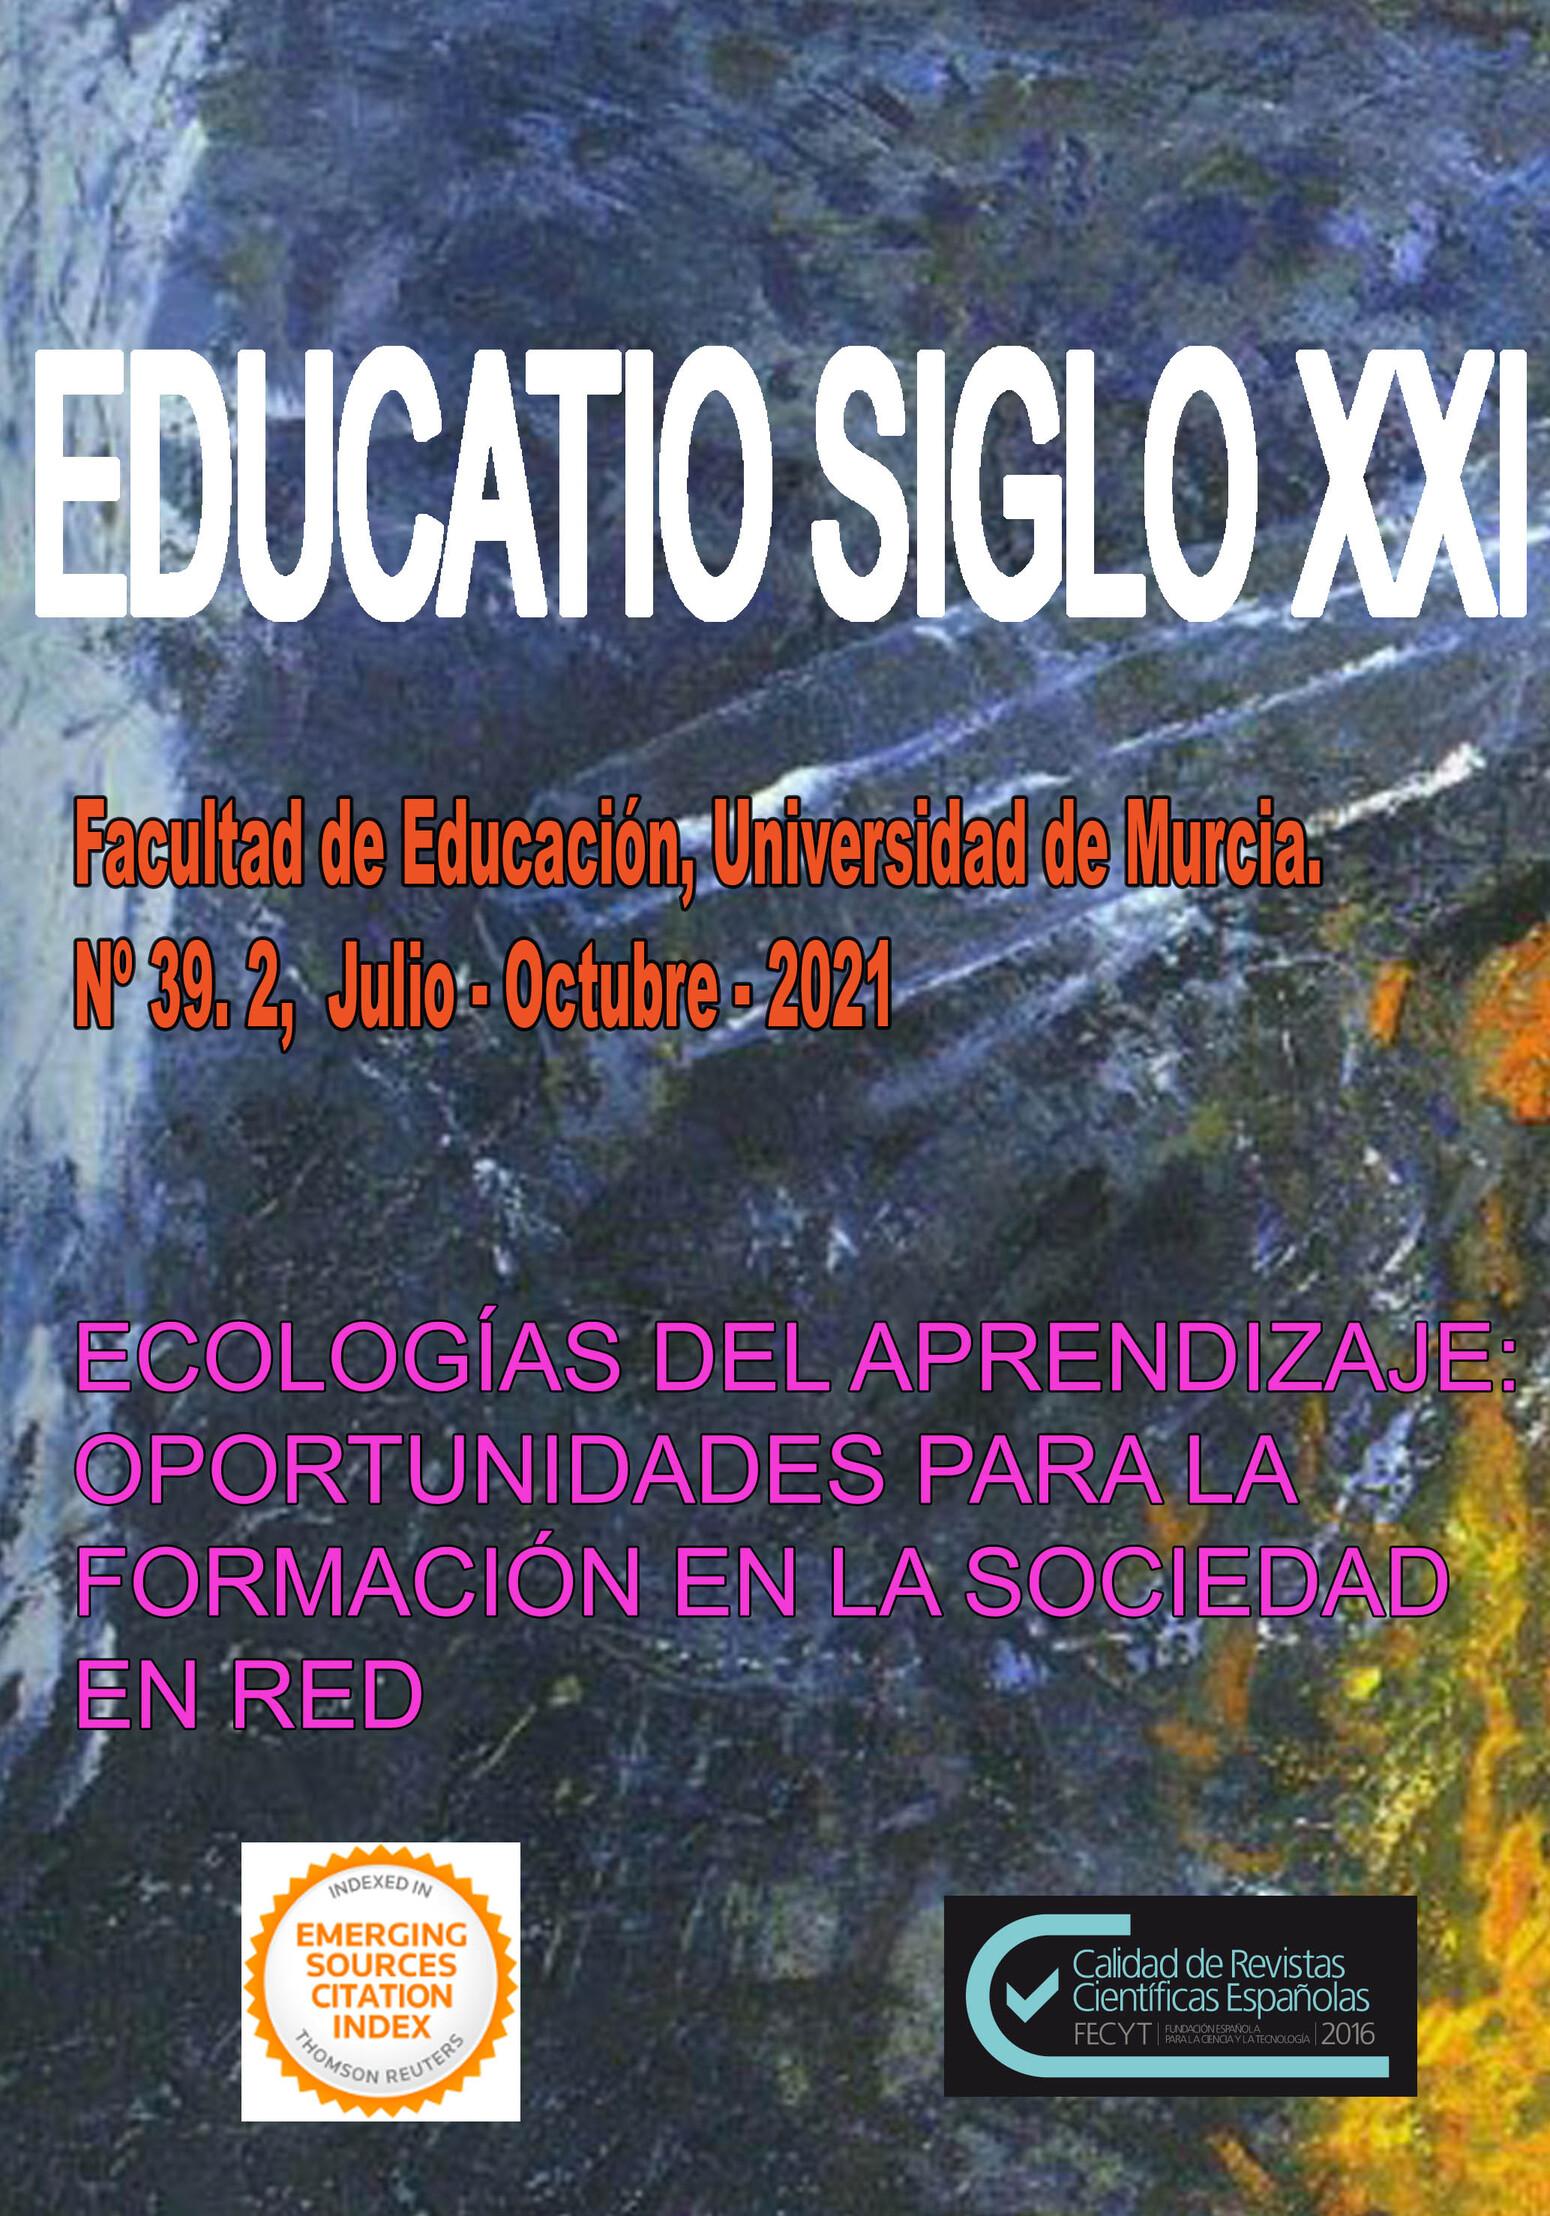 Ver Vol. 39 Núm. 2 (2021): Ecologías de aprendizaje: oportunidades para la formación en la sociedad en red